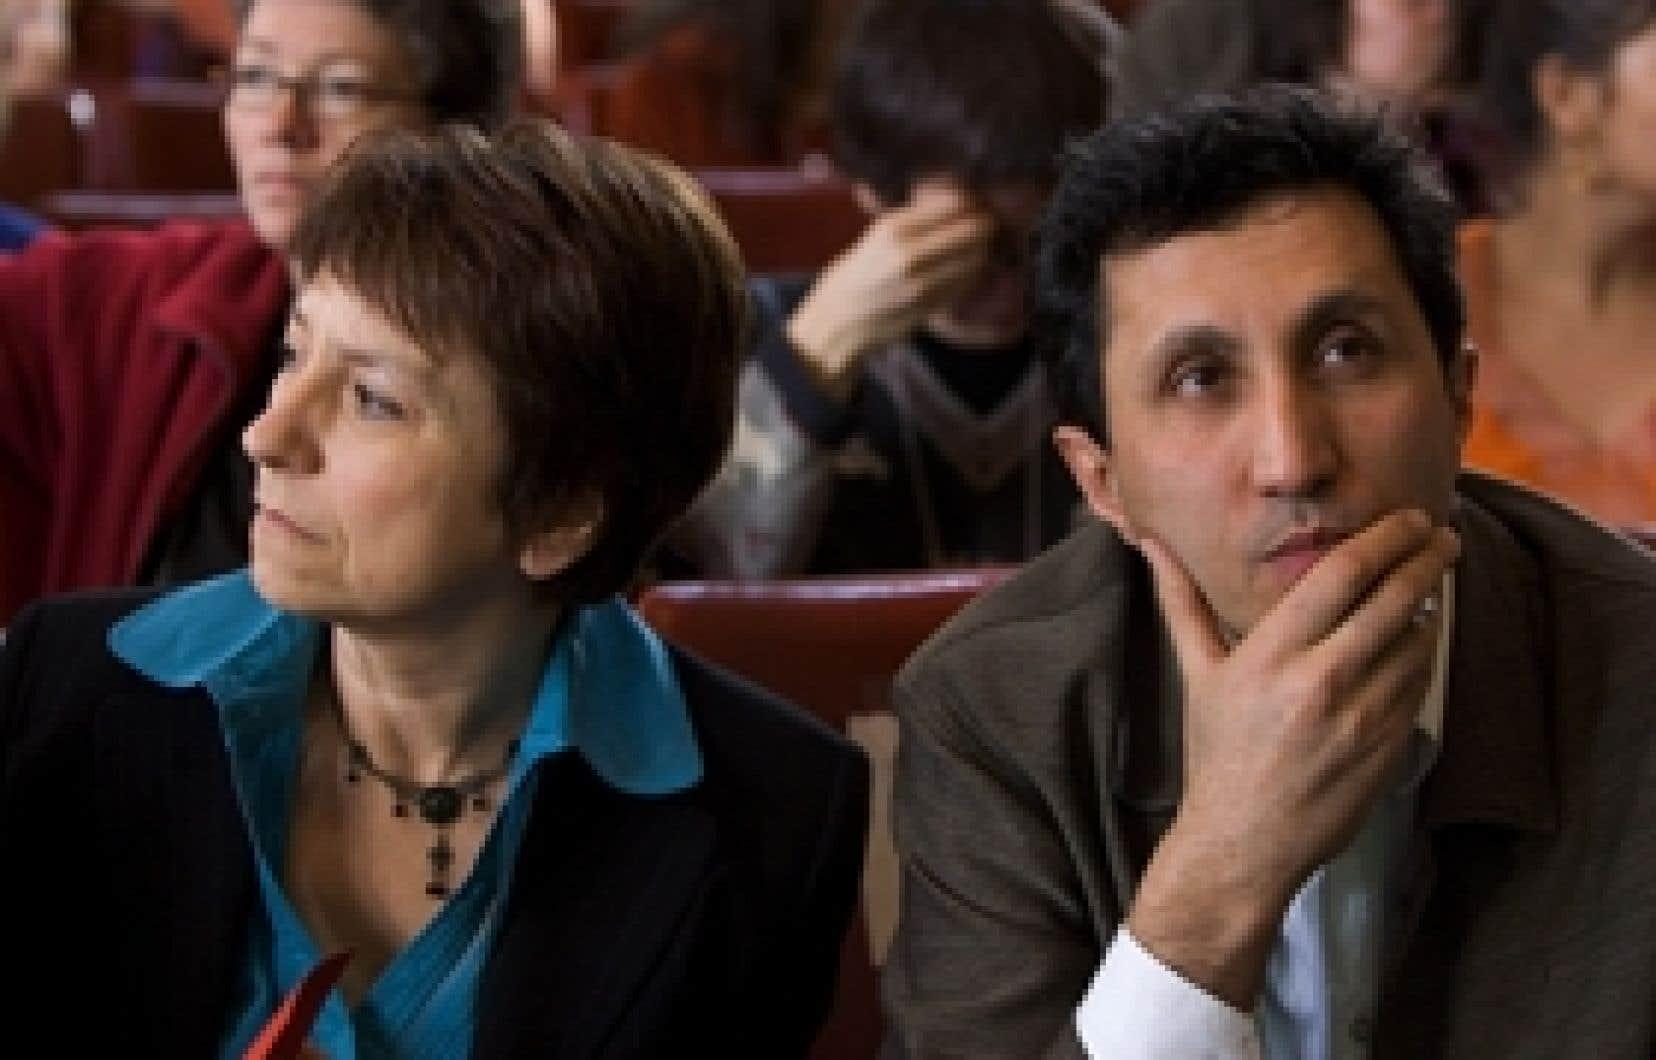 Québec solidaire se distingue des partis traditionnels notamment parce qu'il est dirigé par deux porte-parole, Françoise David et Amir Khadir. Mme David estime toutefois que cela entraîne de la confusion dans l'esprit des électeurs et, a-t-elle